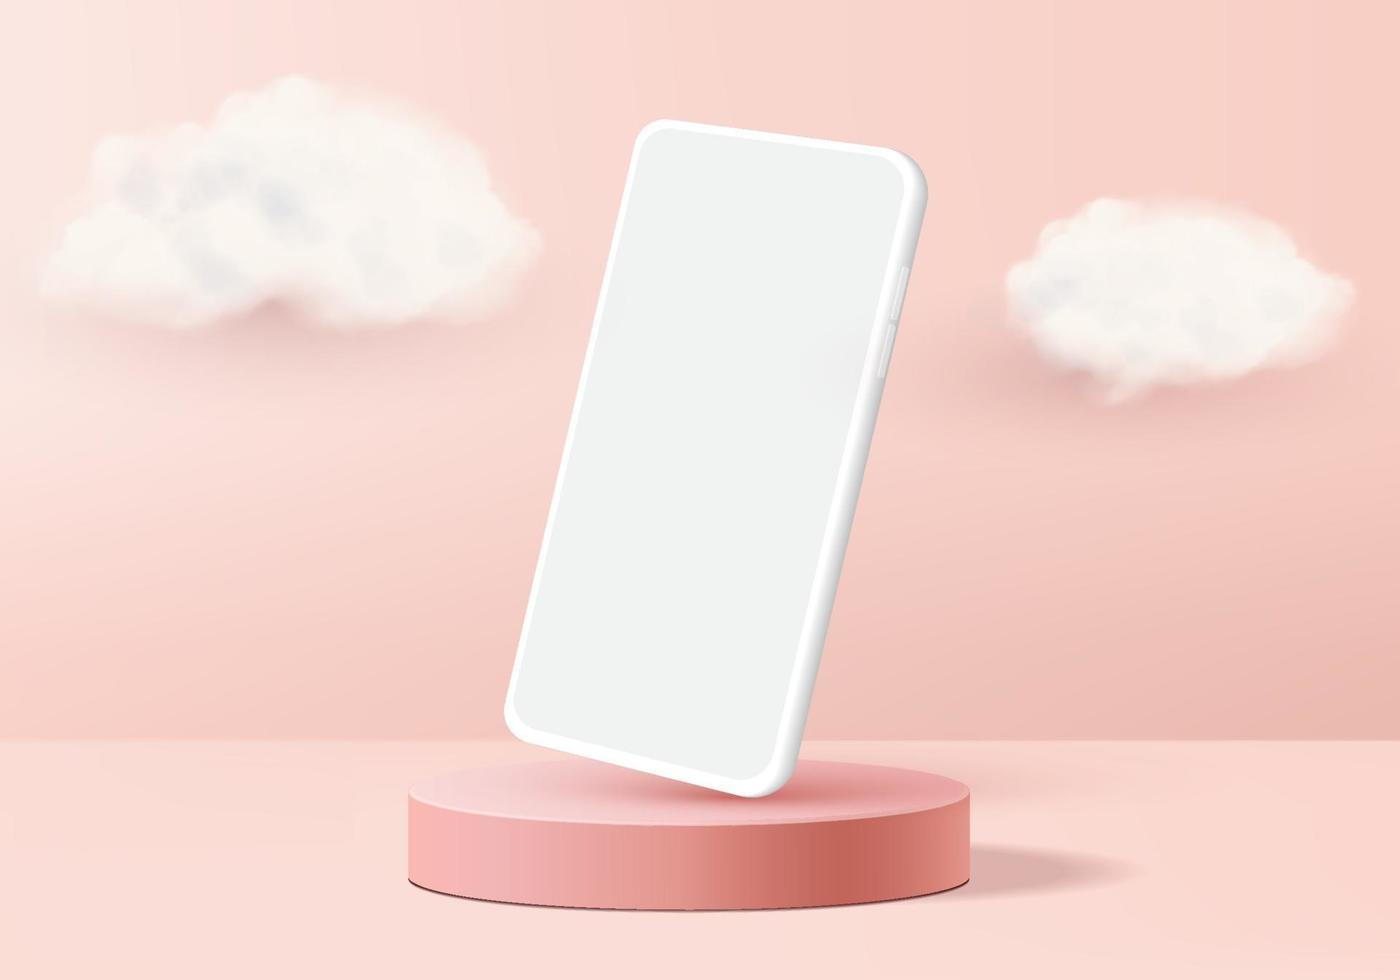 Schaufenster zeigen minimale Szene mit geometrischem Smartphone. 3D-Rendering des Hintergrundvektors mit Podiumschaufenster. stehen, um das Modell des Mobilgeräts zu zeigen. Bühnenvitrine auf Sockel 3d Studio Pink vektor